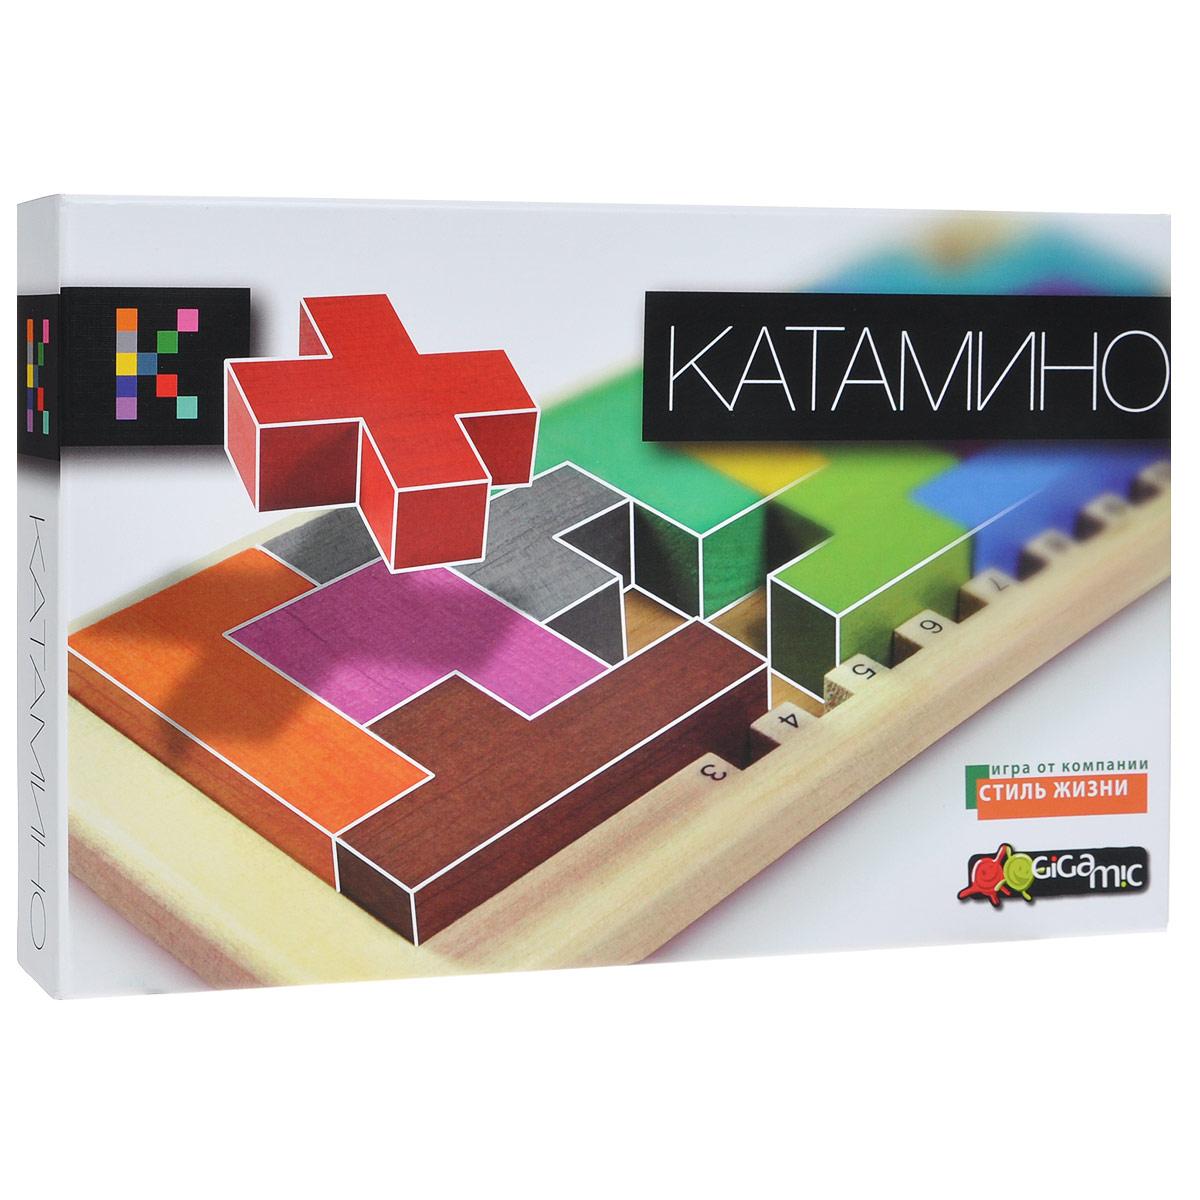 Настольная игра Gigamic КатаминоР61748Настольная игра Катамино (Katamino) - это прекрасный способ времяпрепровождения, такое развлечение придется по душе, как взрослым, так и детям. Под силу ли вам заполнить указанными в задании пентамино прямоугольное поле? С тремя элементами справится каждый, но над задачей из 8 элементов вам придется как следует подумать. Очень увлекательная игра, развивает пространственное мышление. В комплект игры входят: игровое поле, 12 пентамино, 5 красных кубиков, 3 коричневых кубика, барьер для ограничения выбранного игрового поля и буклет с правилами игры на русском языке и таблицами. Количество: 1-2 игрока.